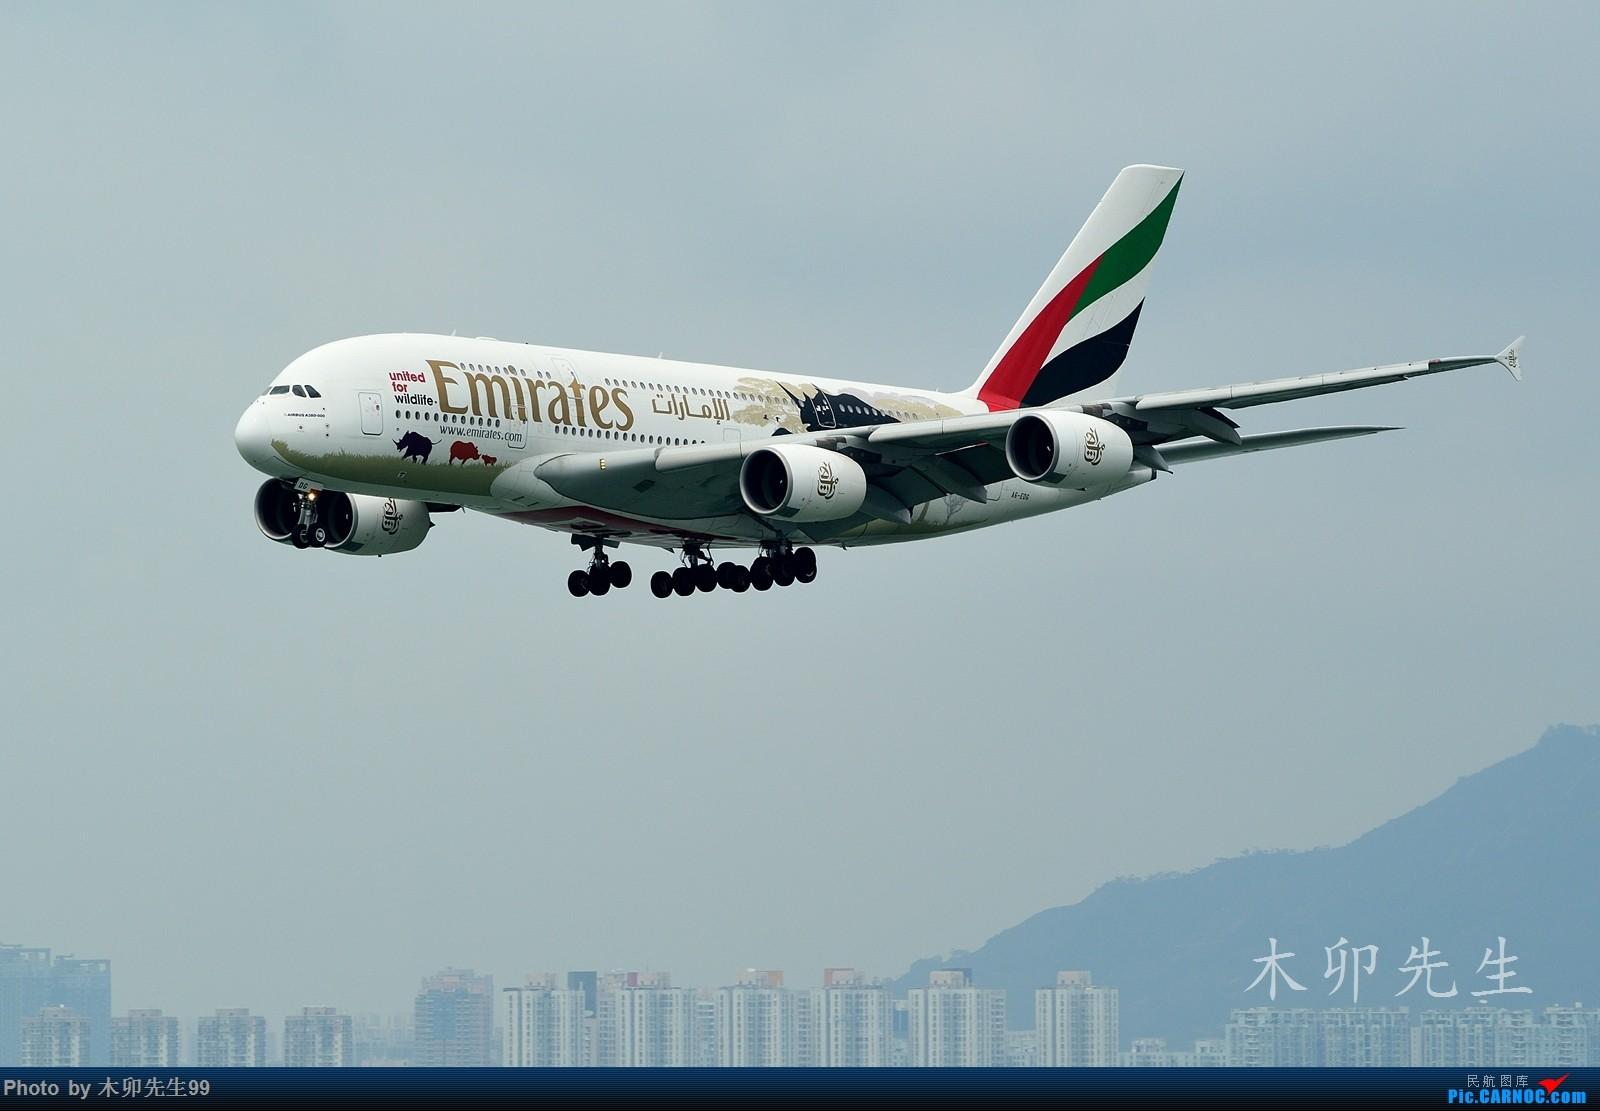 [原创]【木卯先生99】—【世界最大A380彩绘机之一犀牛——阿聯酋航空】—2016—006 AIRBUS A380 A6-EDG 香港赤鱲角国际机场